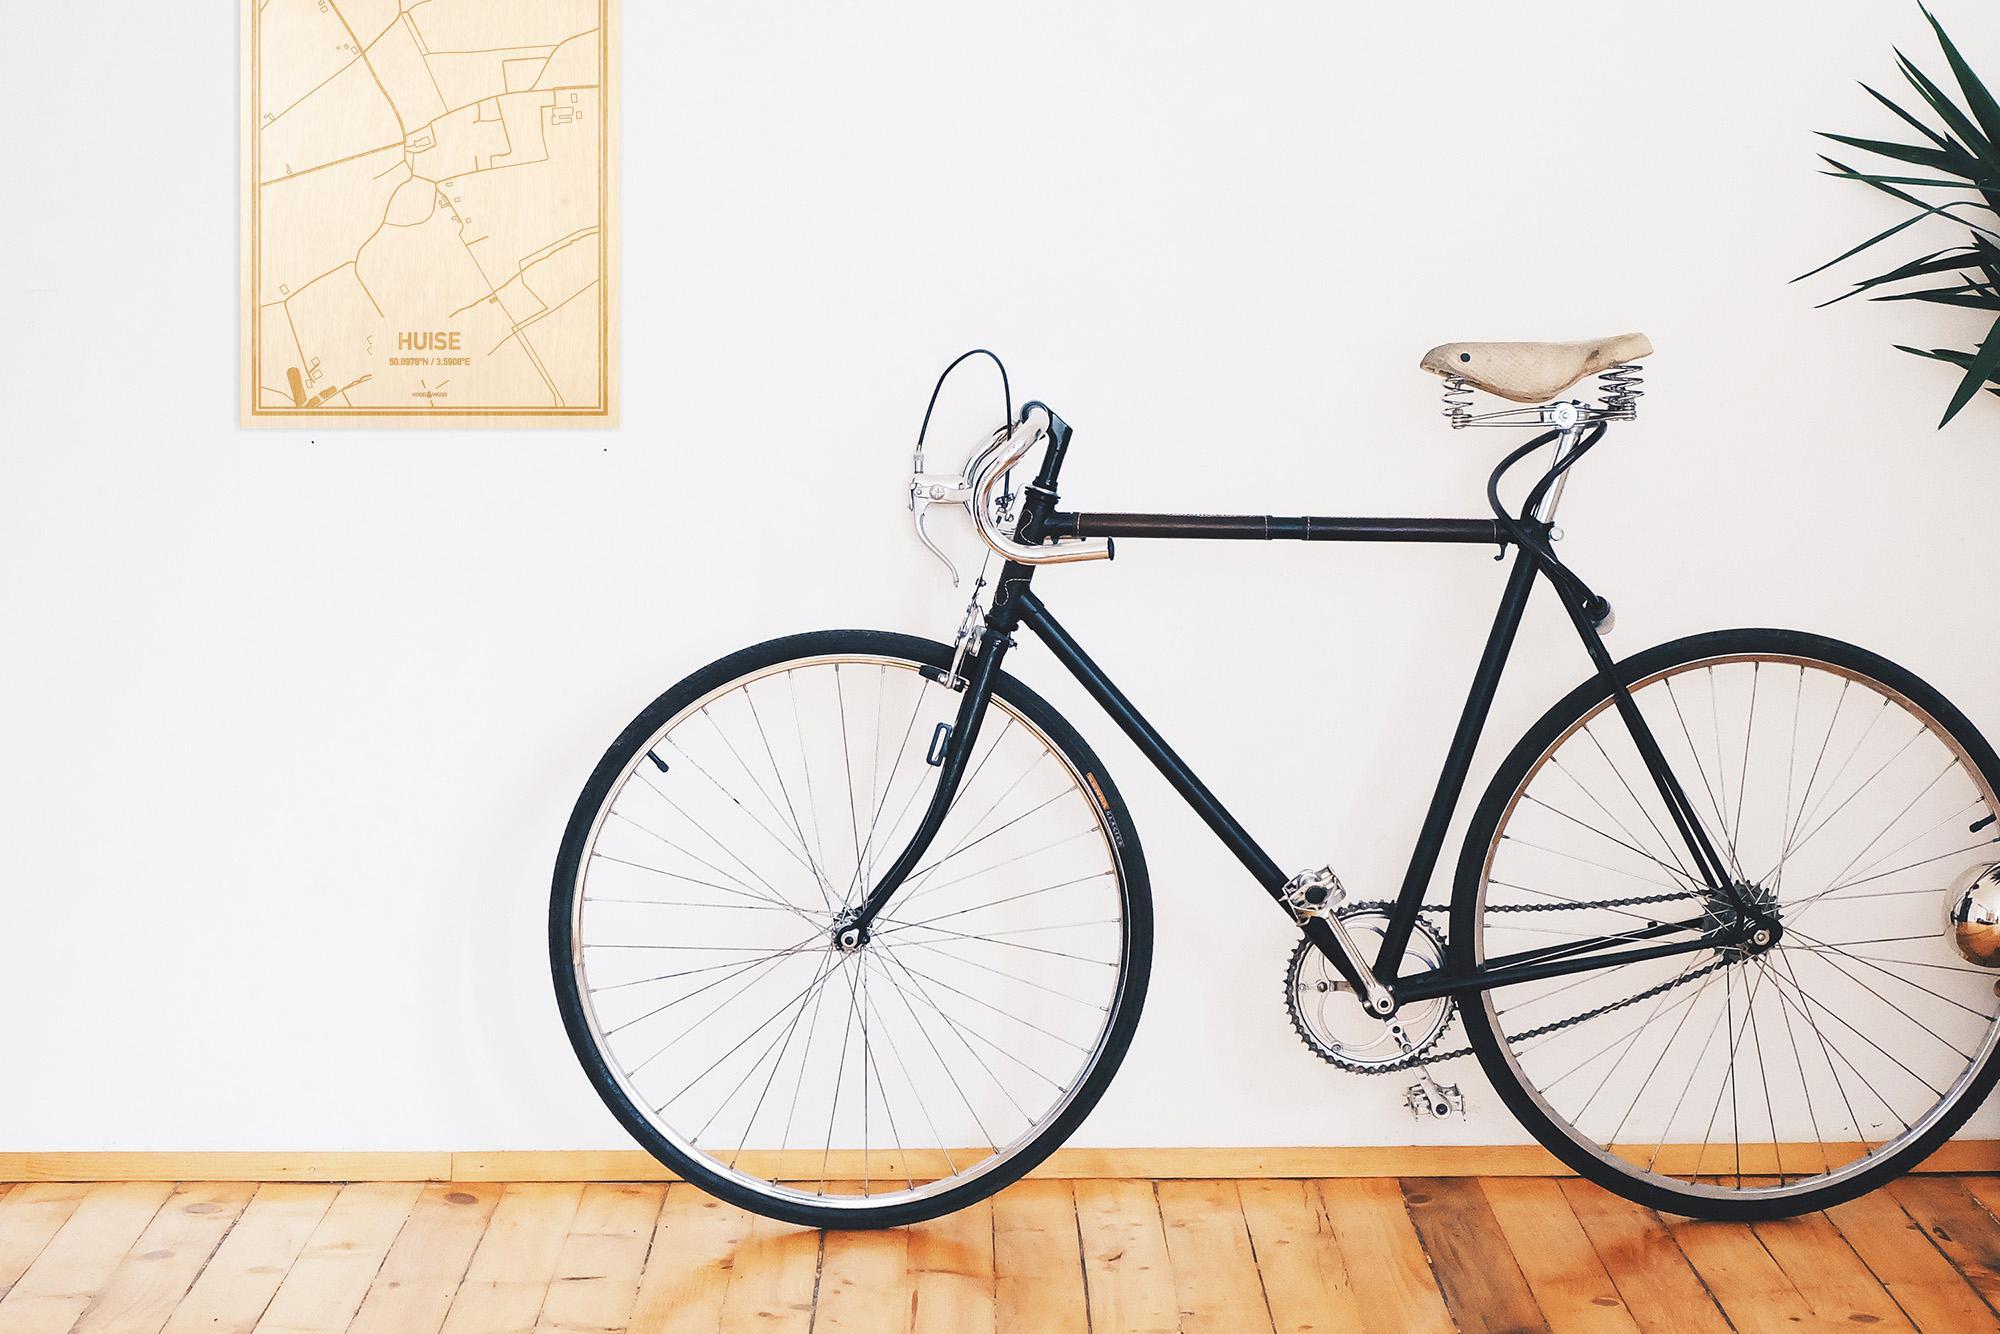 Een snelle fiets in een uniek interieur in Oost-Vlaanderen  met mooie decoratie zoals de plattegrond Huise.